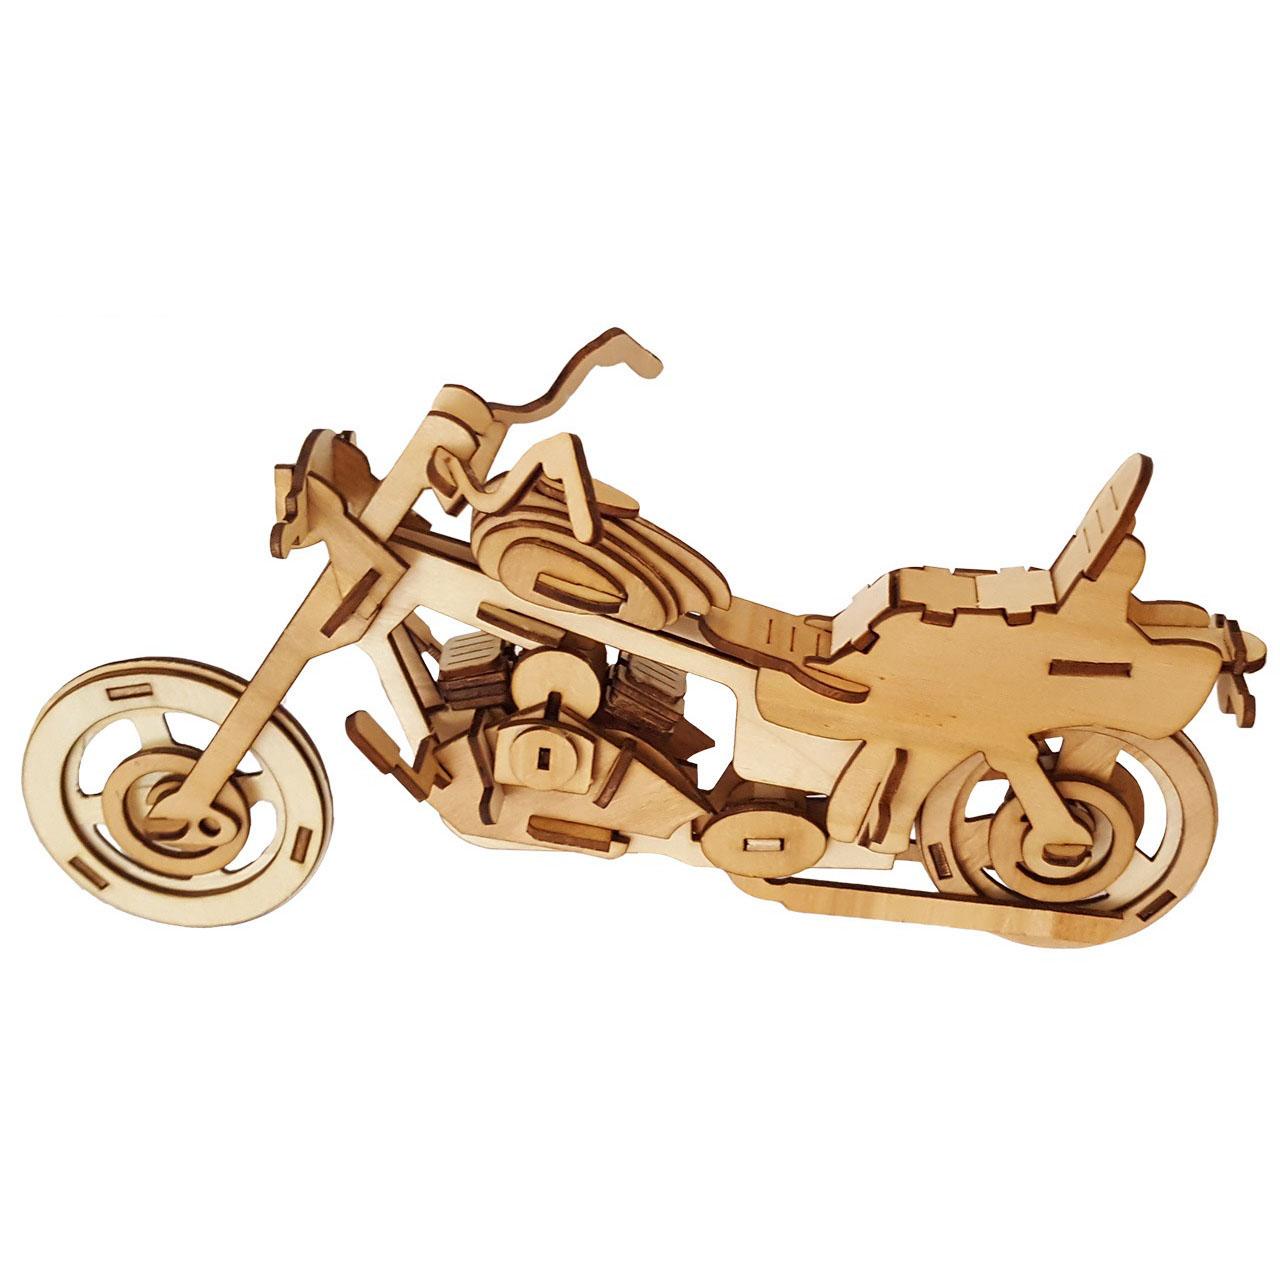 پازل سه بعدی چوبی 83 تکه برتاریو مدل Motorcycle